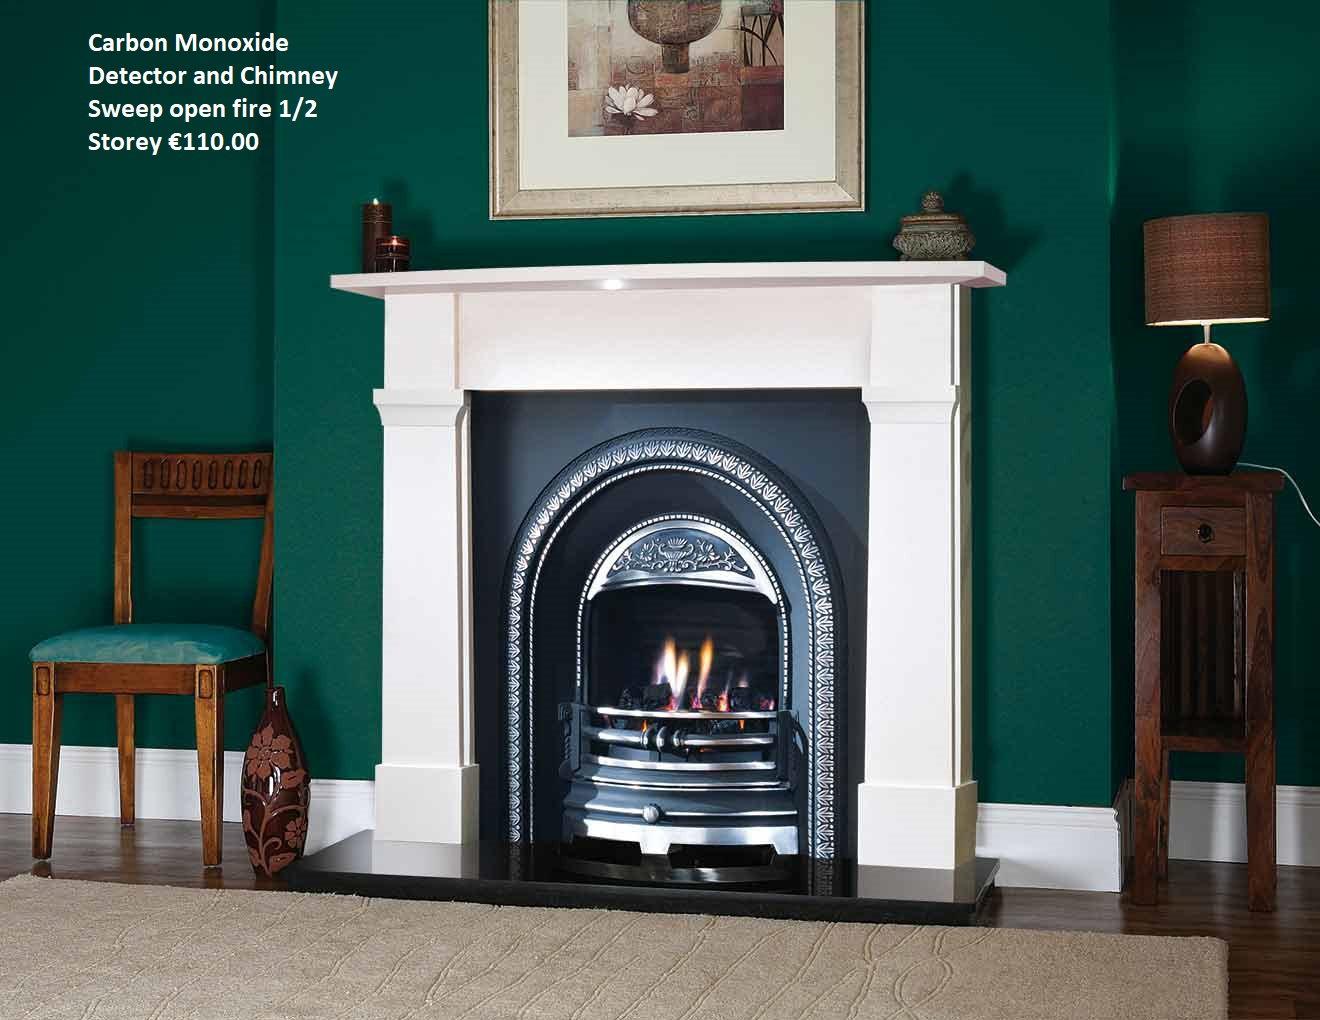 Open Fire & Carbon Monoxide Detector